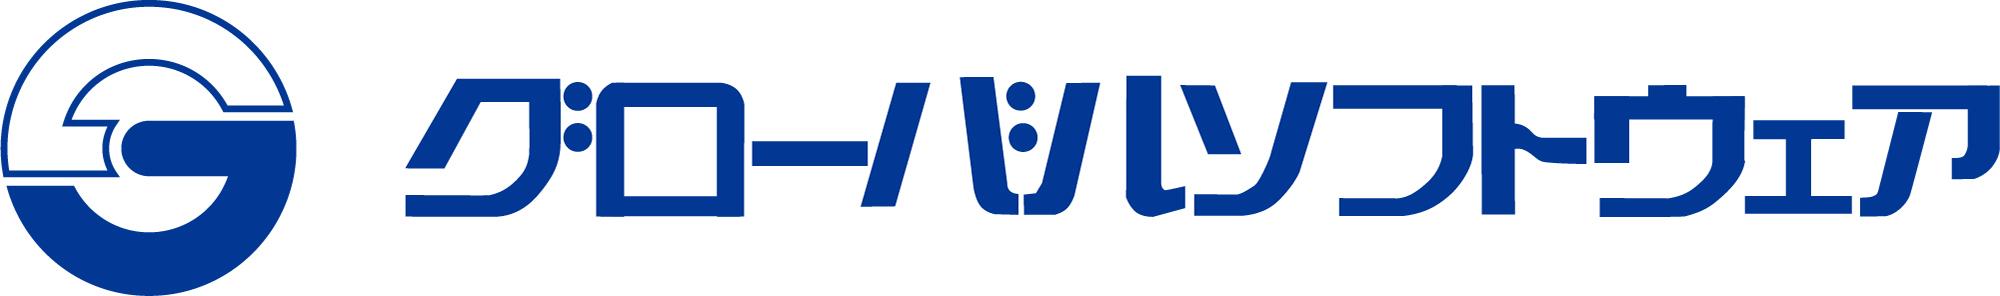 831e536ad7 logo